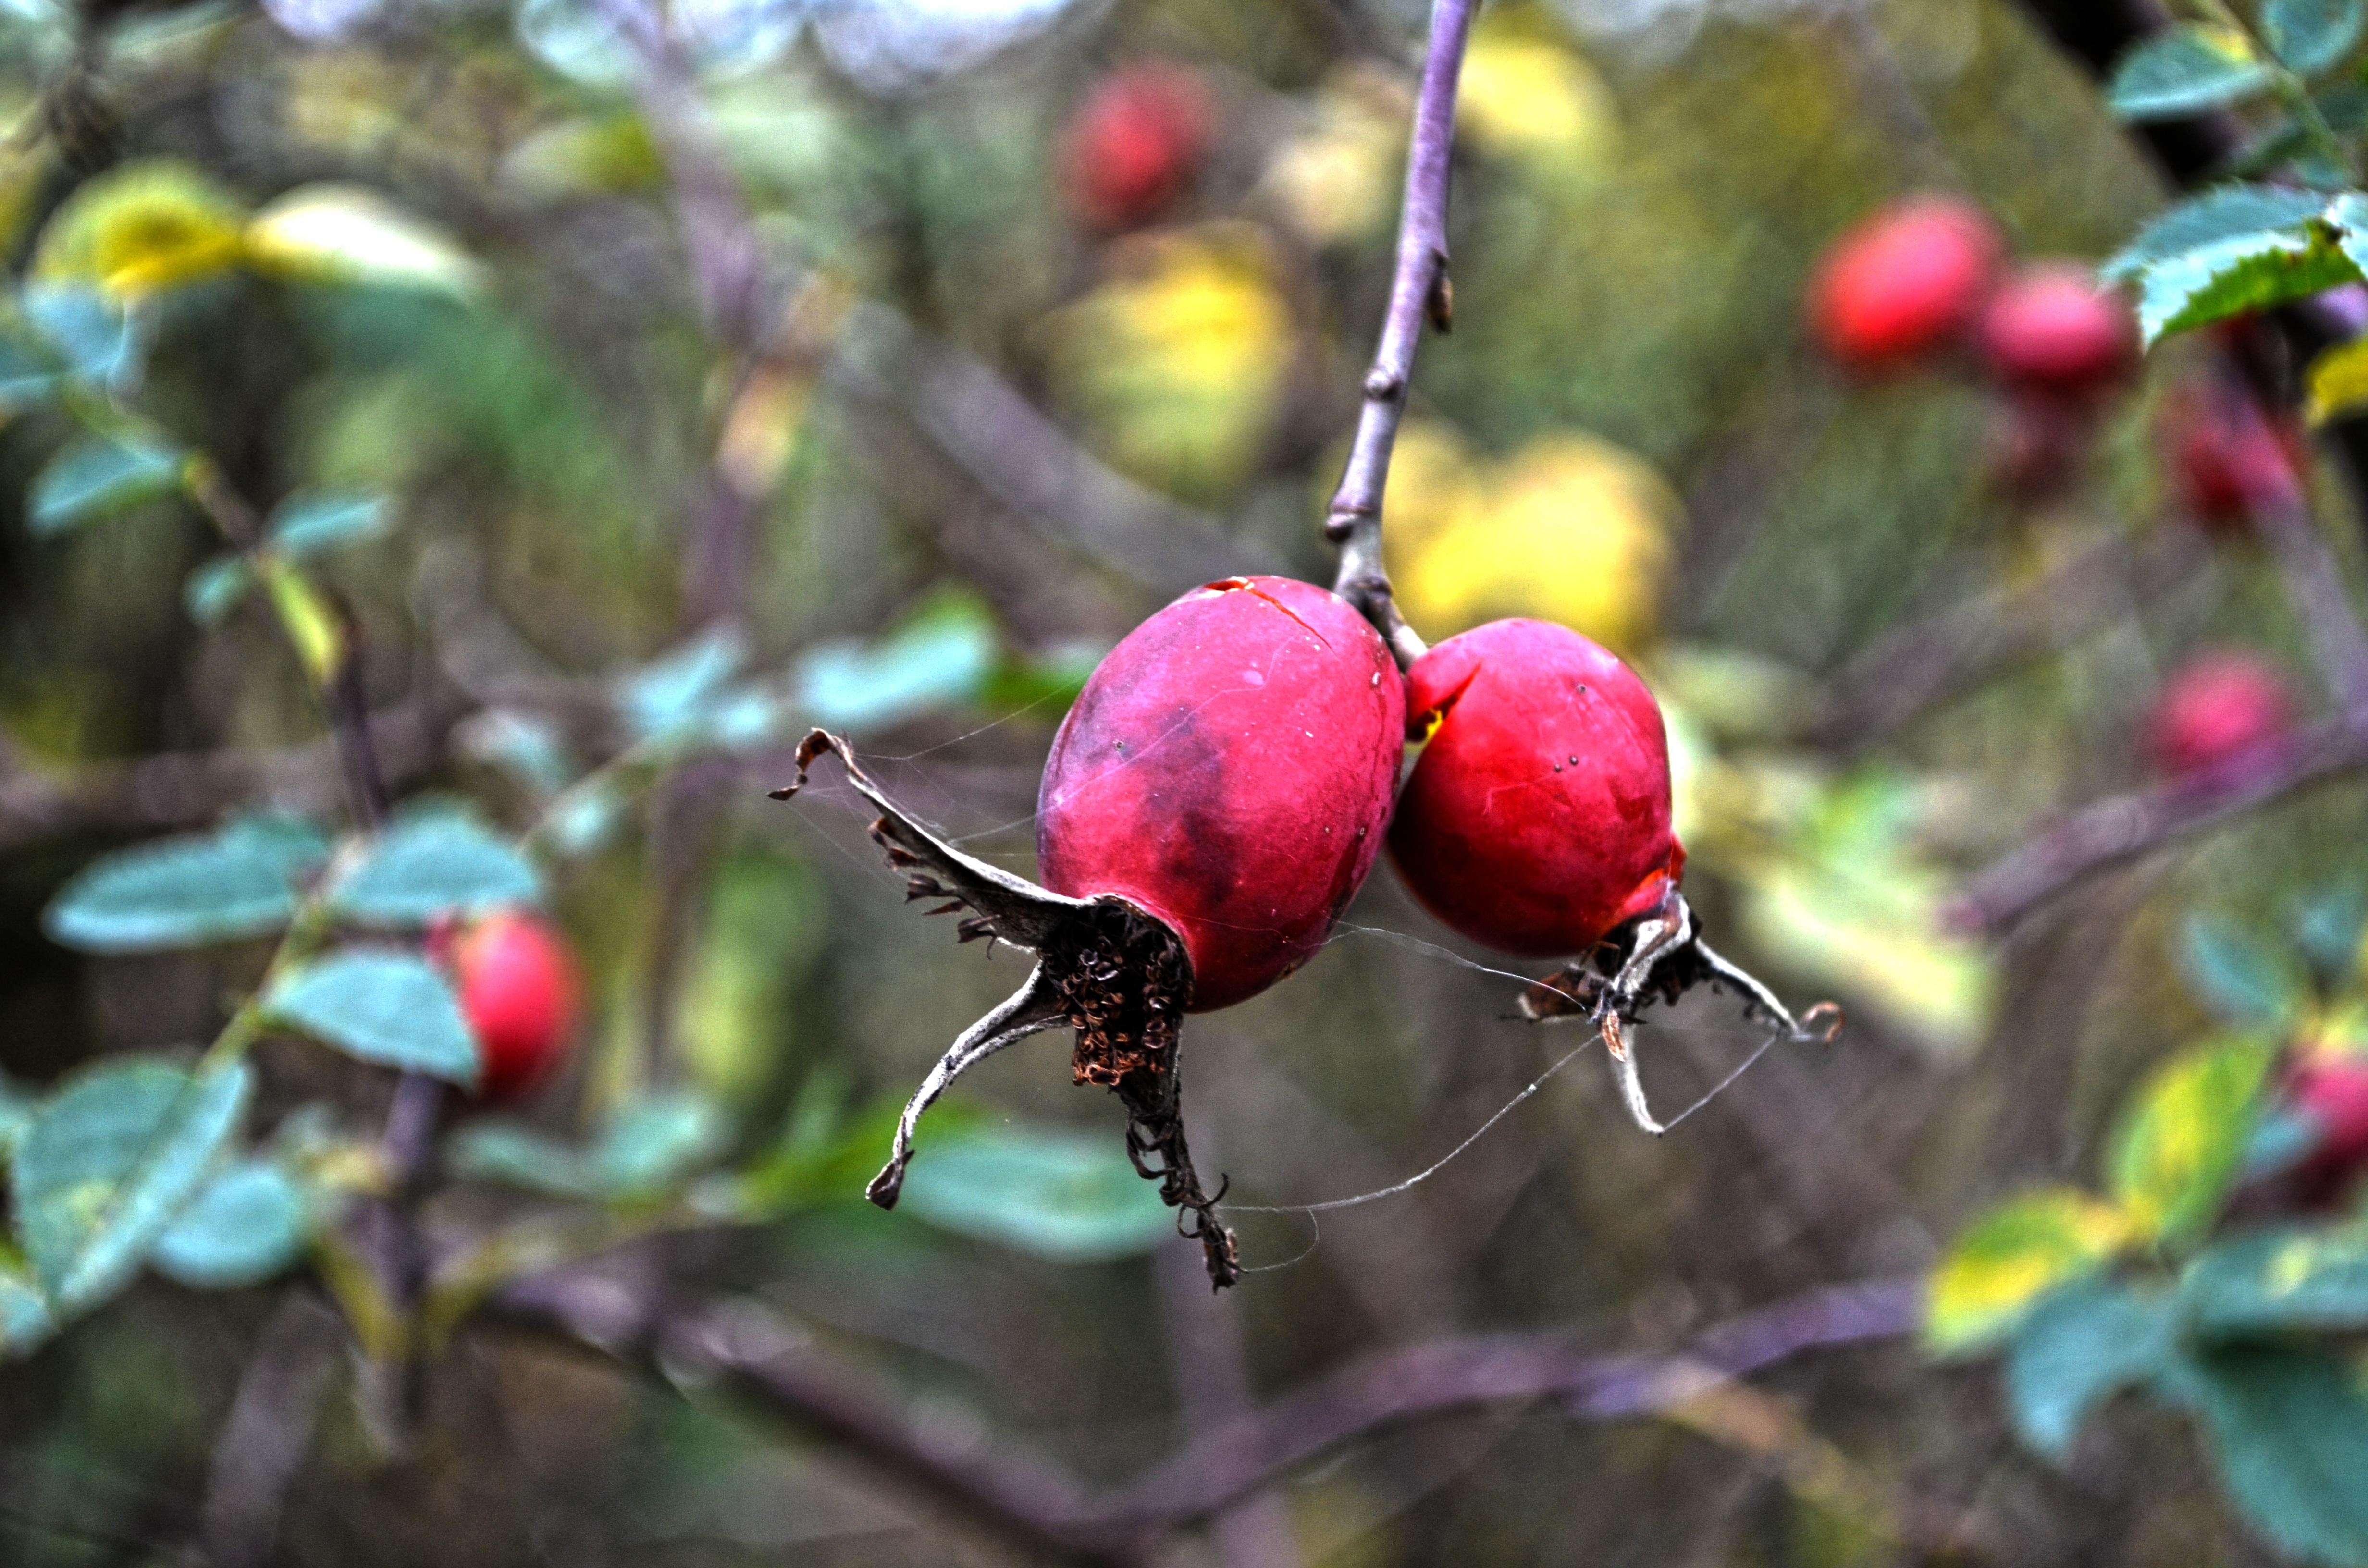 images gratuites arbre la nature branche fleur fruit feuille parking aliments rouge. Black Bedroom Furniture Sets. Home Design Ideas